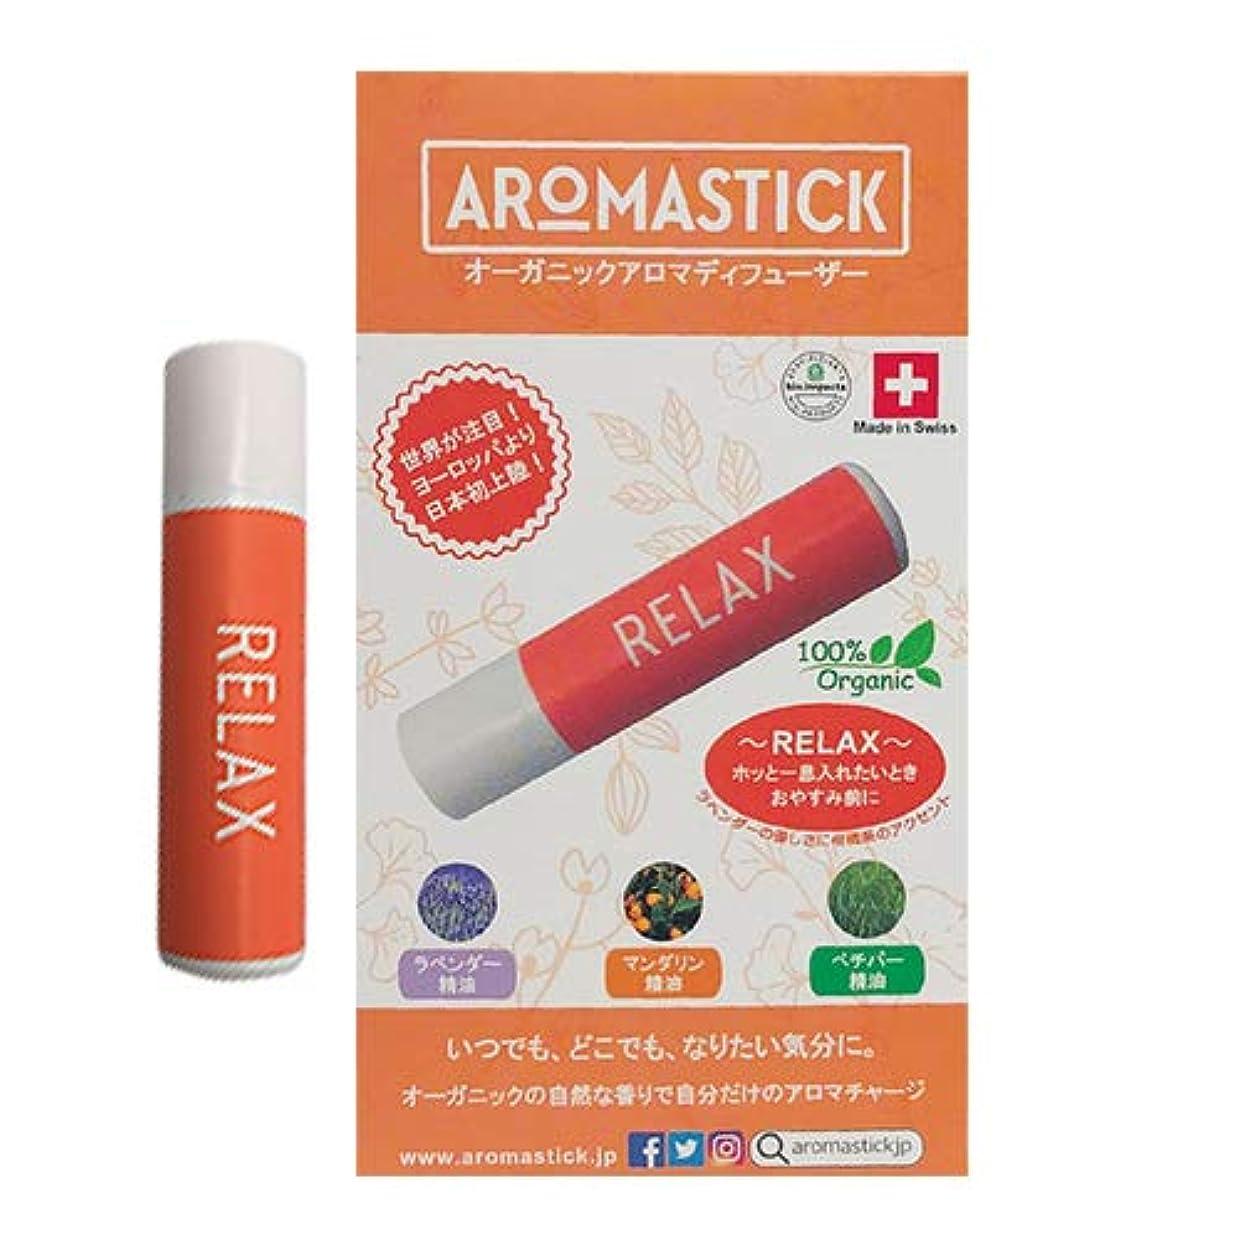 思い出す自分のために不平を言うオーガニックアロマディフューザー アロマスティック(aromastick) リラックス [RELAX] ×3個セット